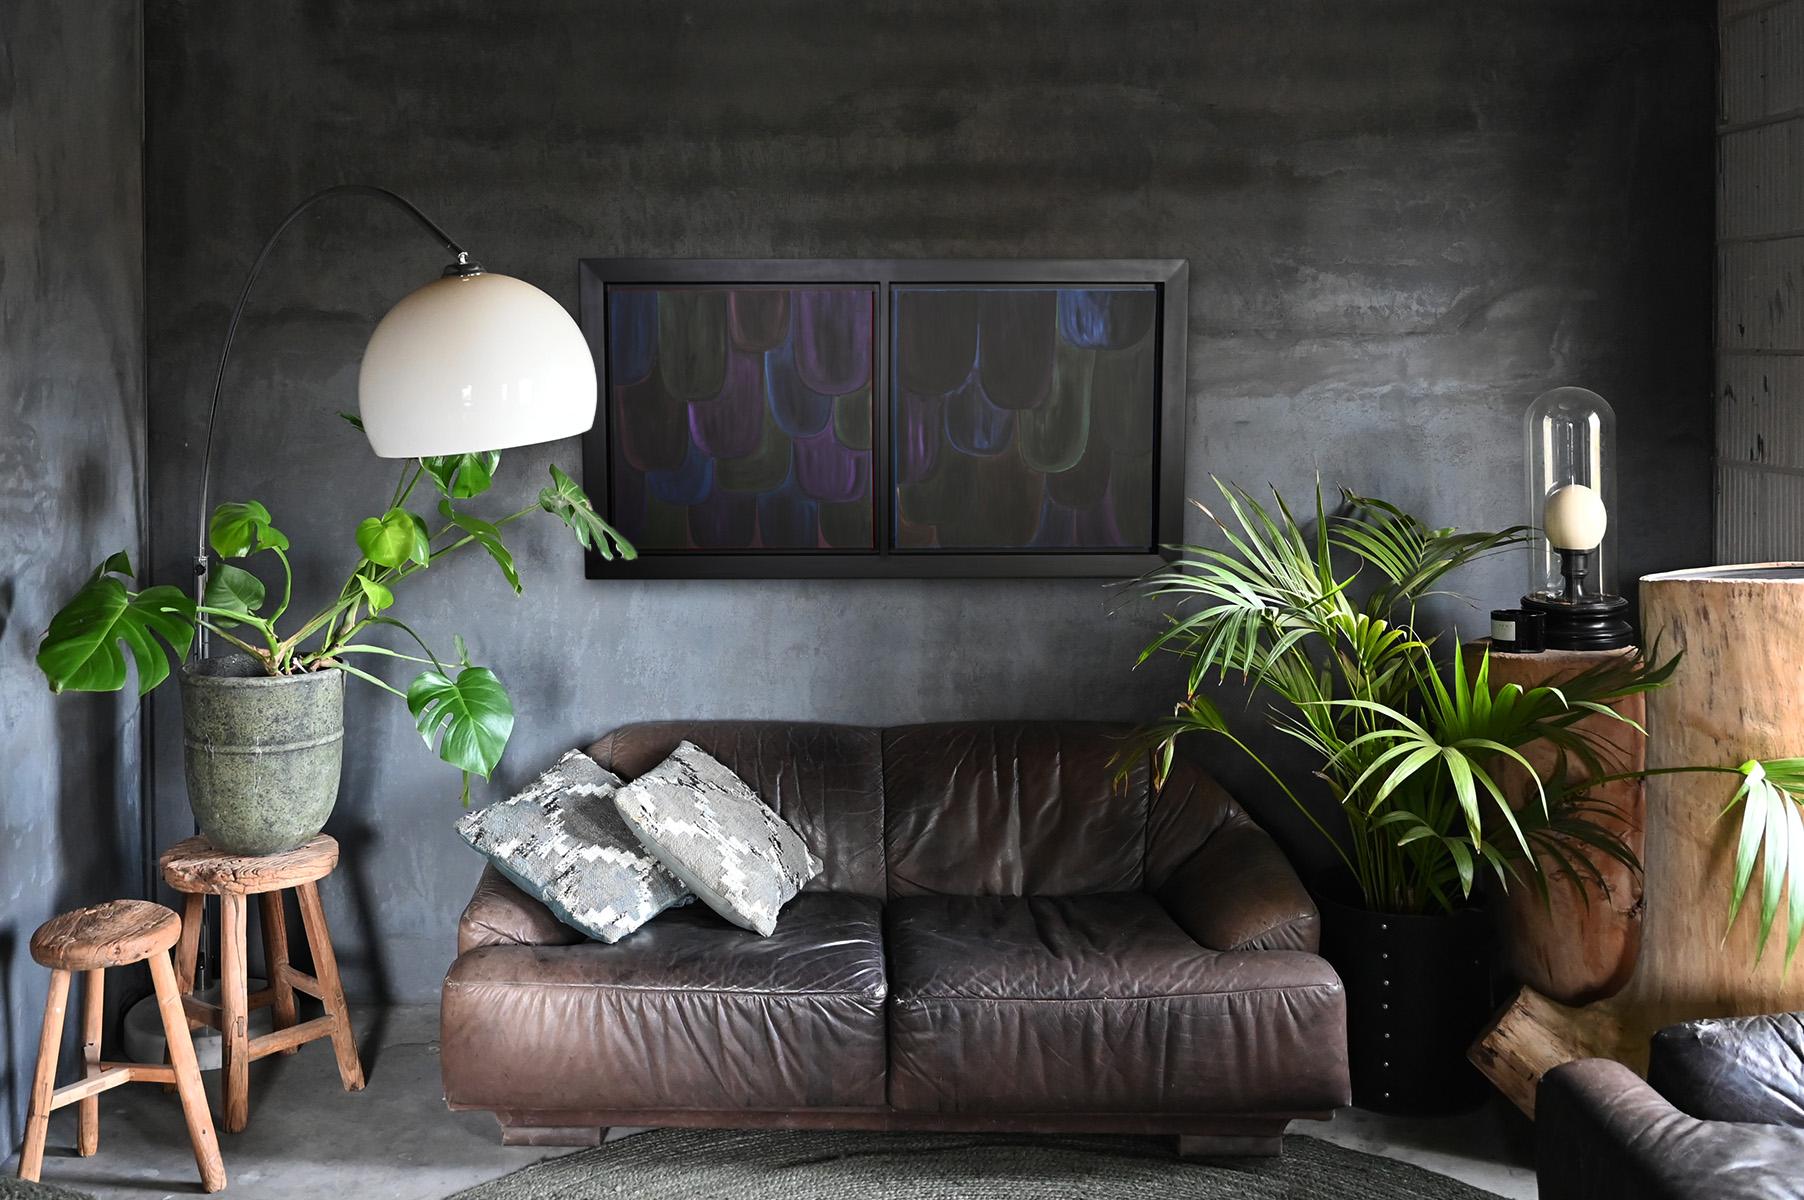 Interior art advice - loft - raven feathers